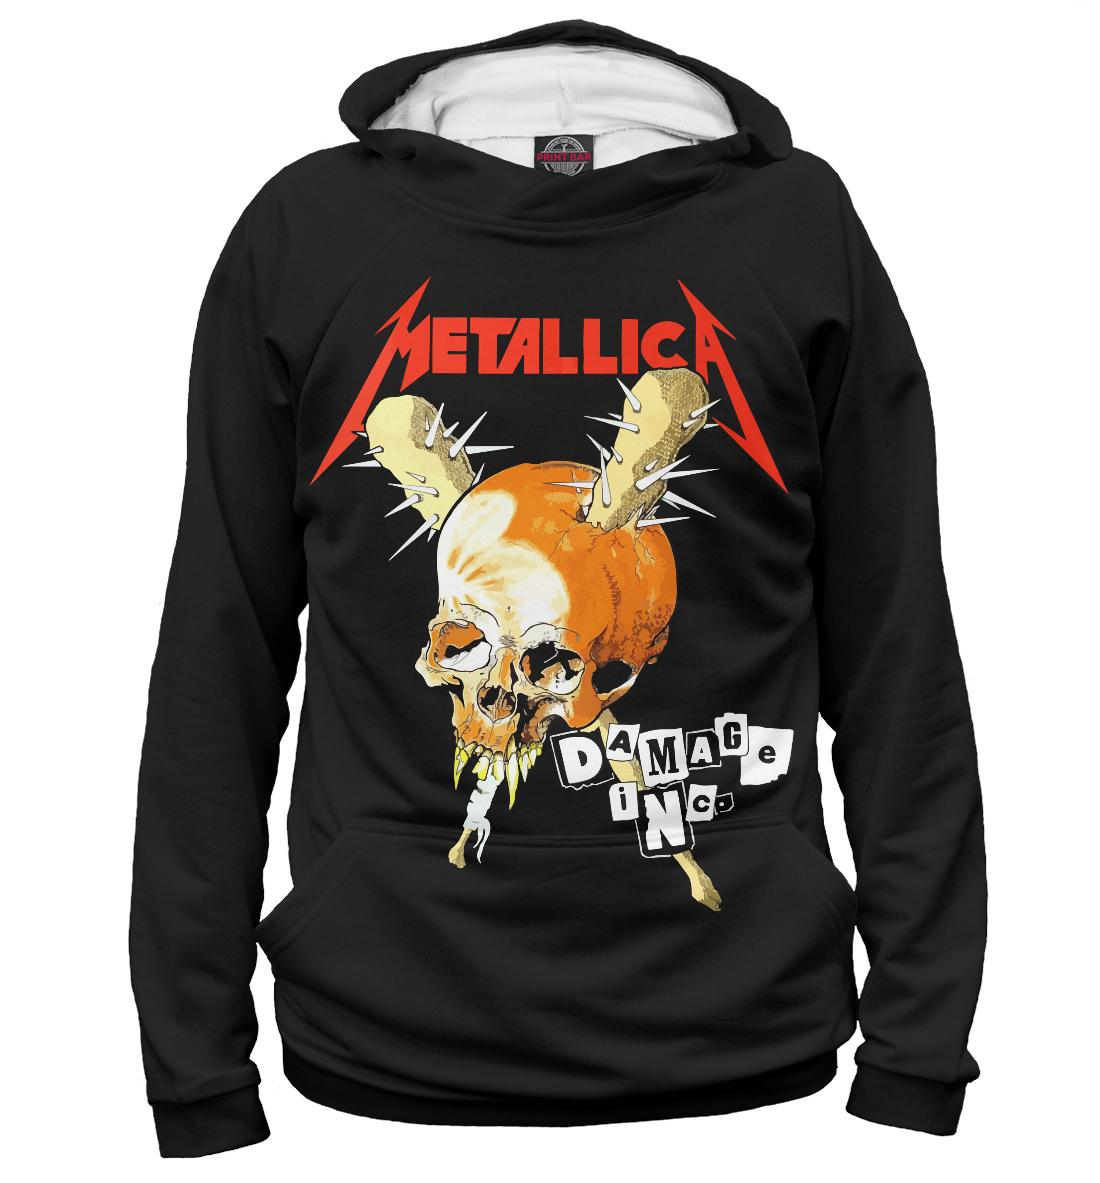 Купить Metallica, Printbar, Худи, MET-454397-hud-2